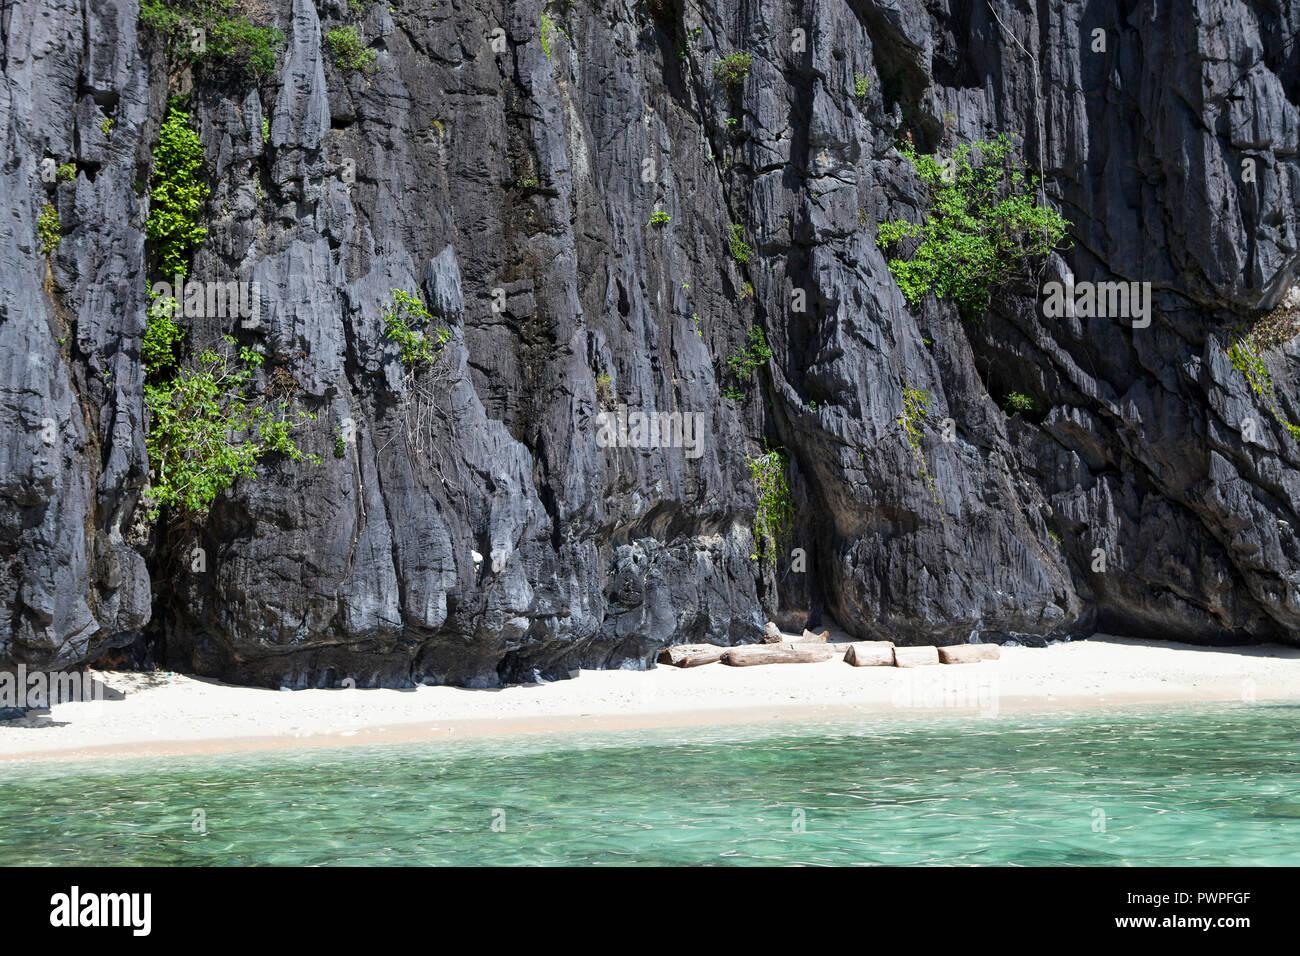 Beach In The Bacuit Archipelago El Nido Palawan Island